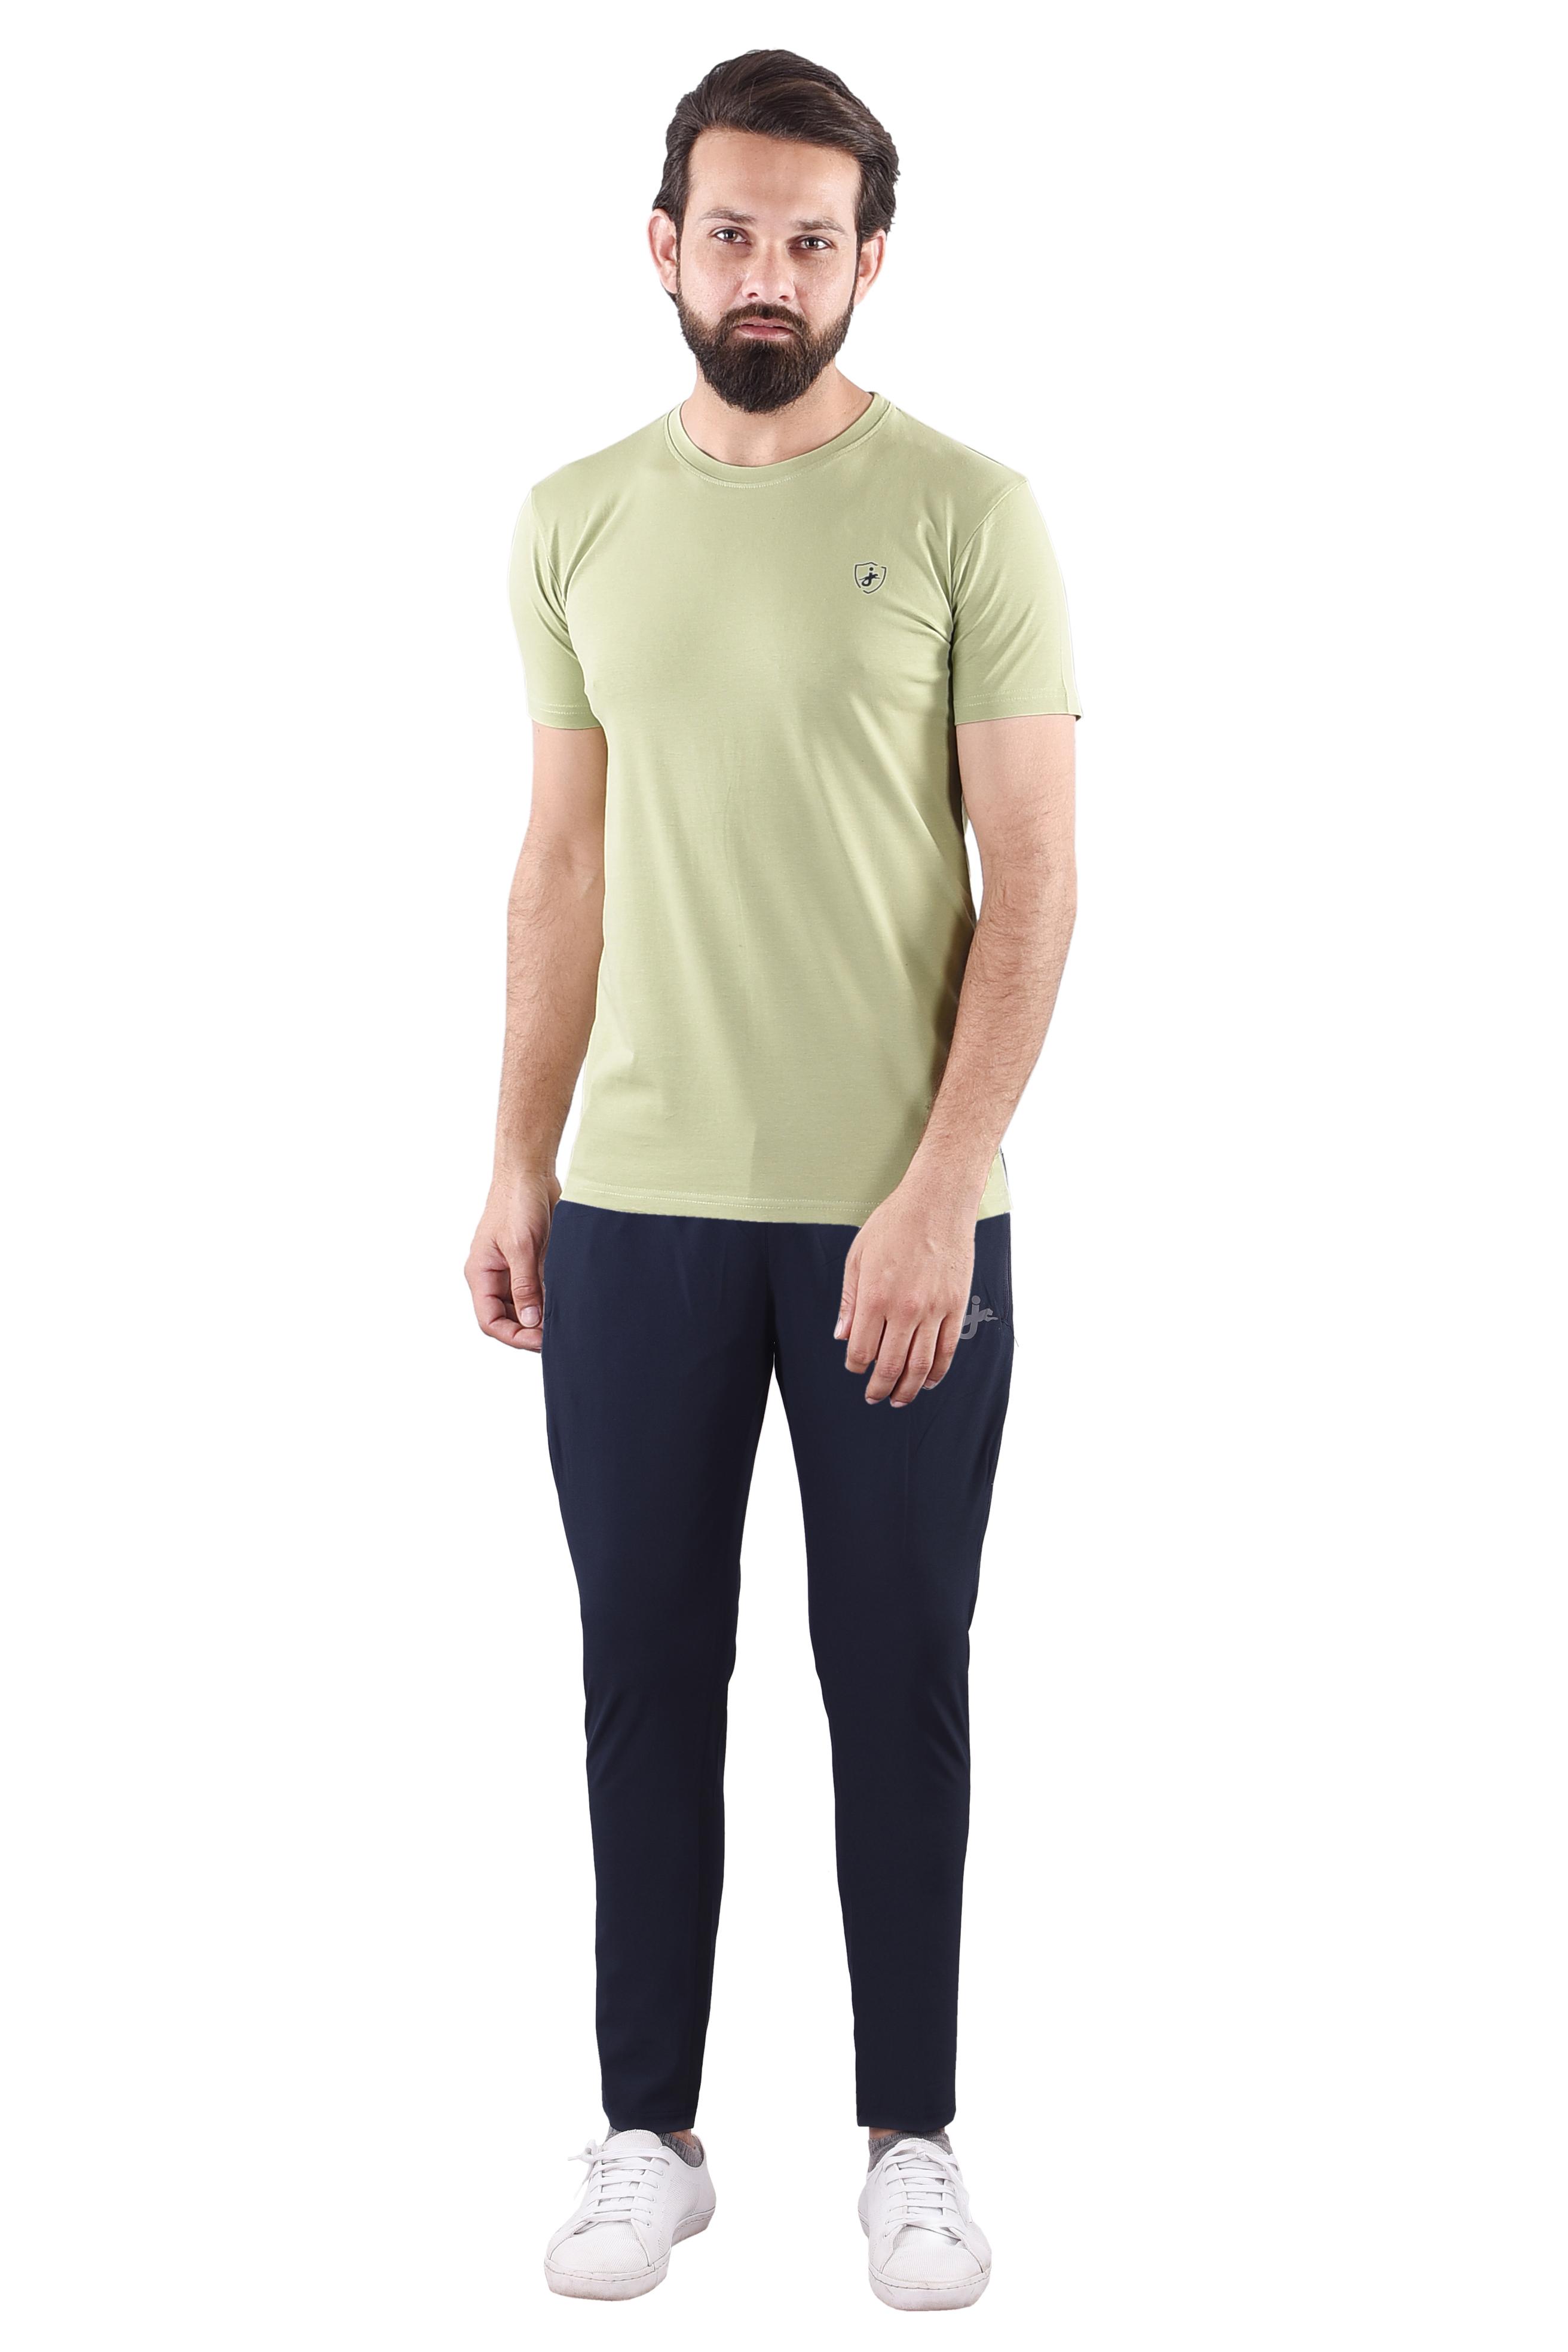 JAGURO   JAGURO  Men's Cotton Solid Round Neck Olive T-Shirt